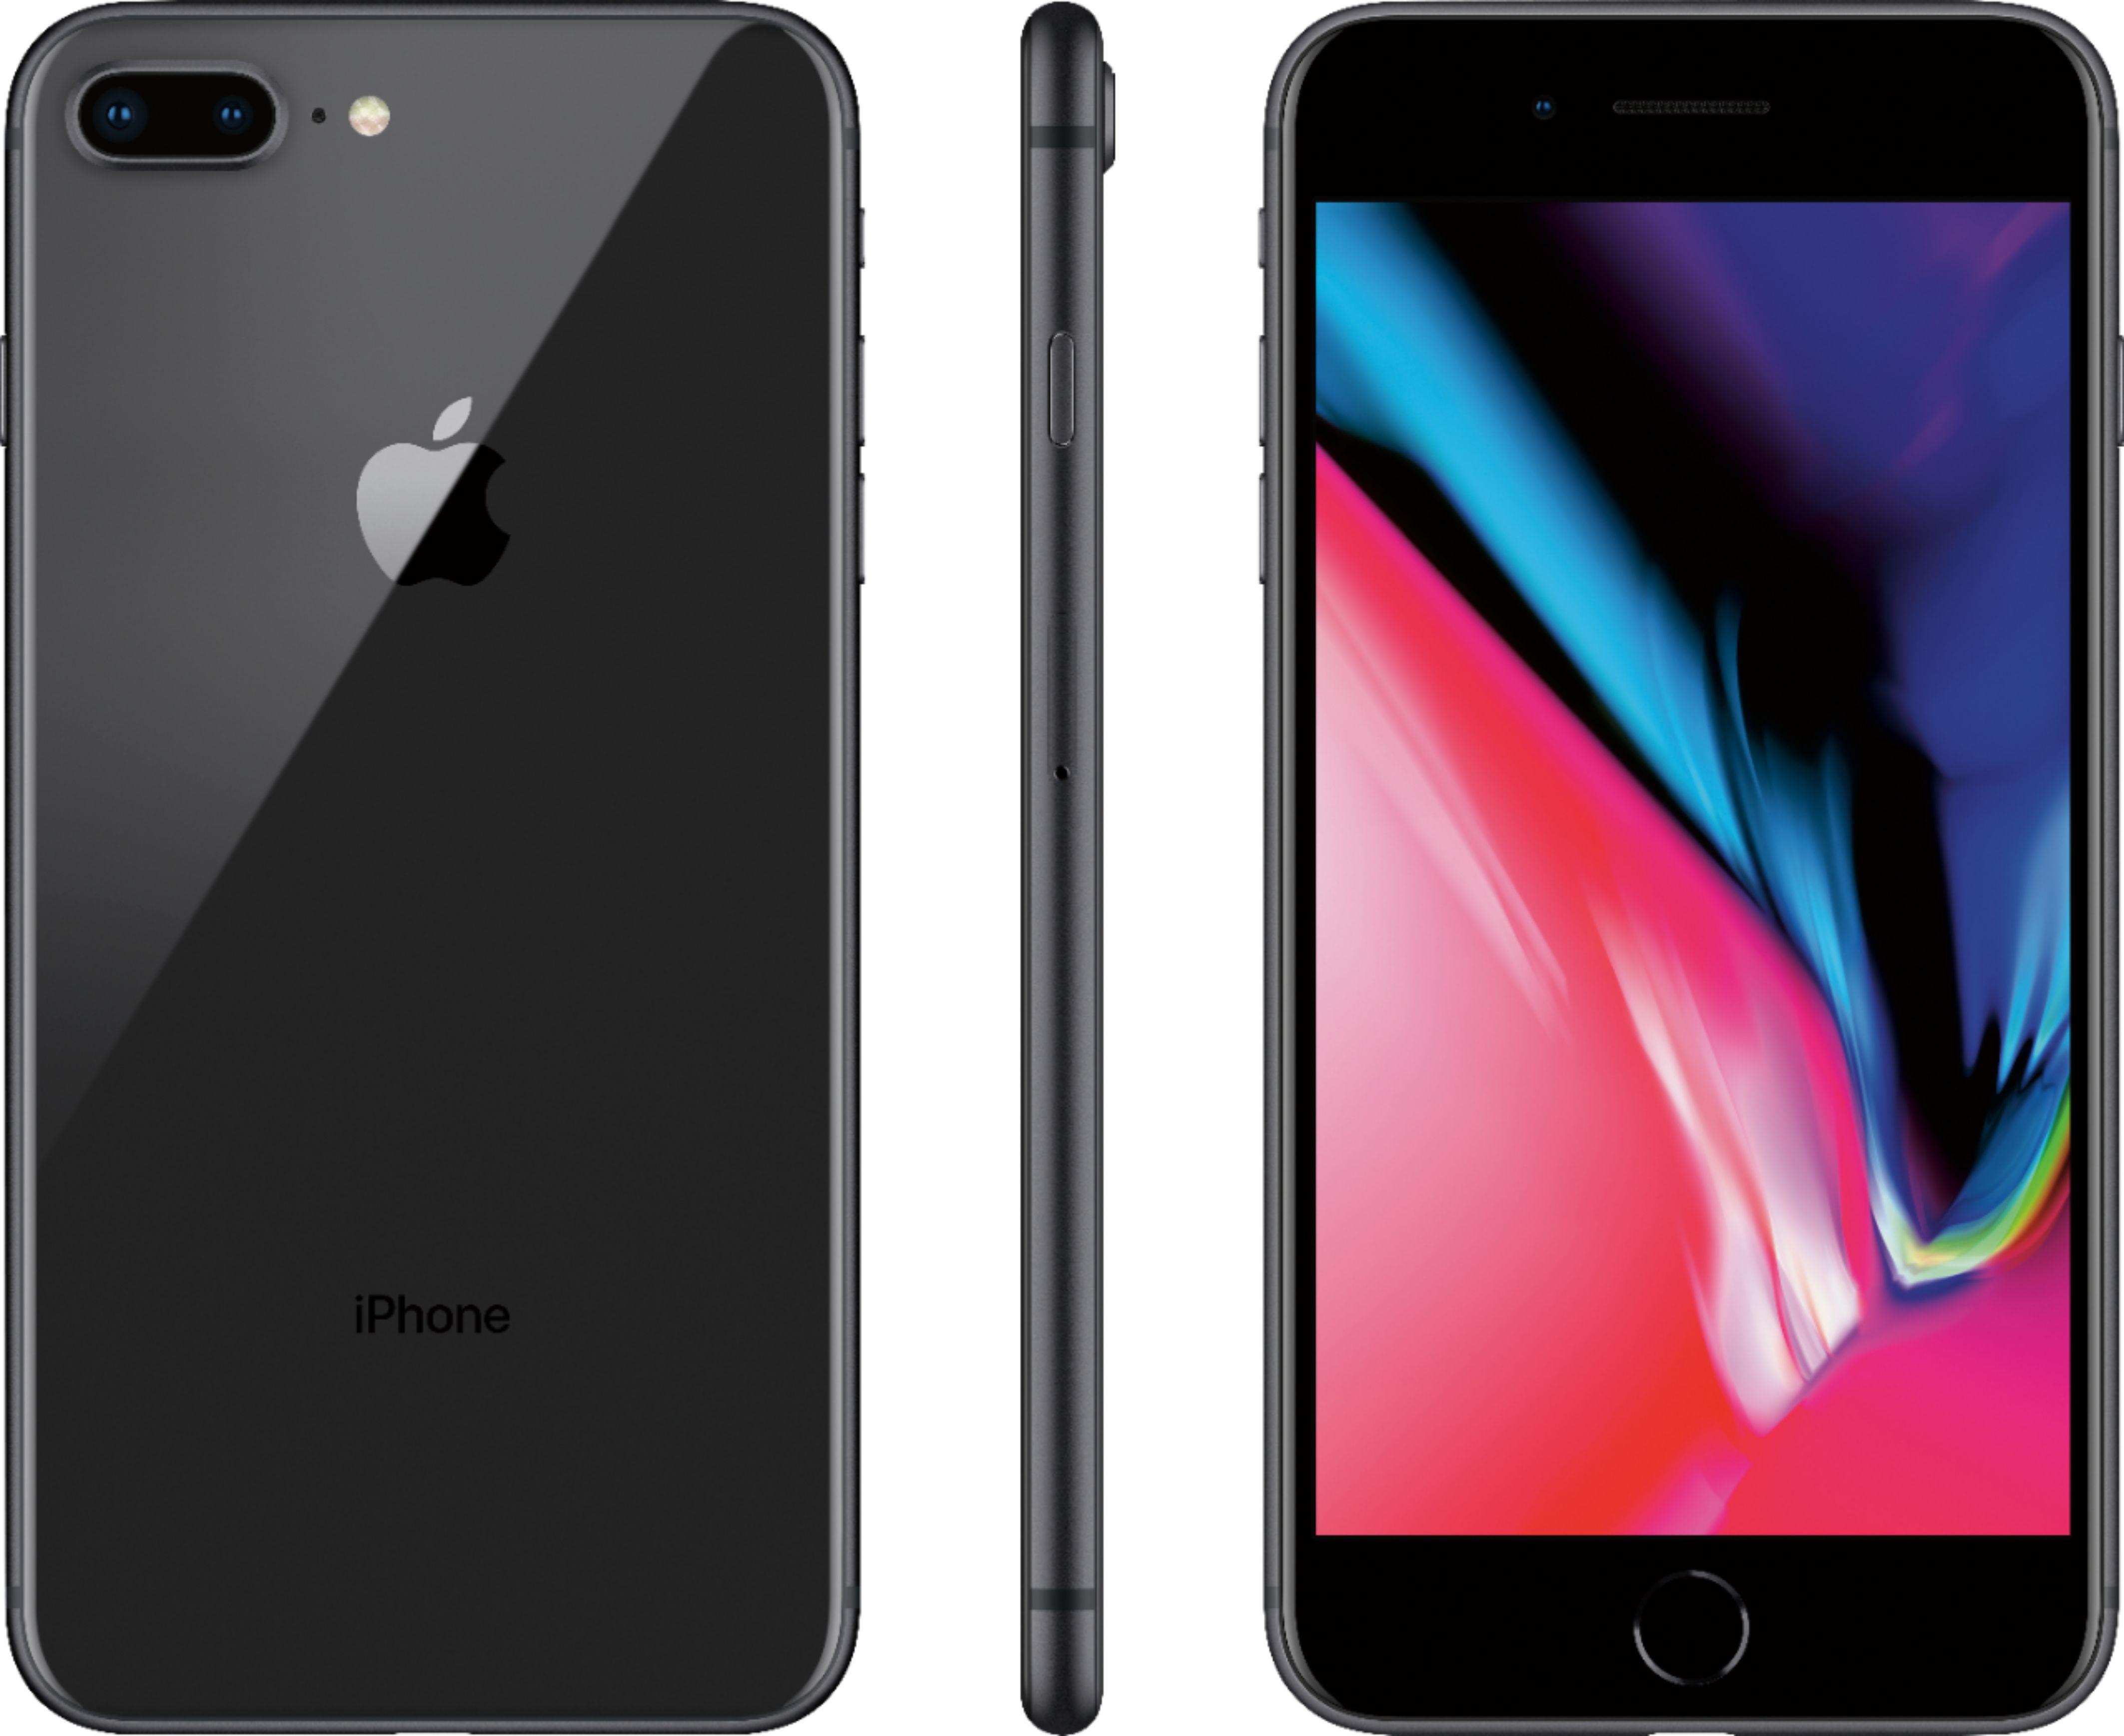 APPLE IPHONE 8 kompakte smartphones - ideen